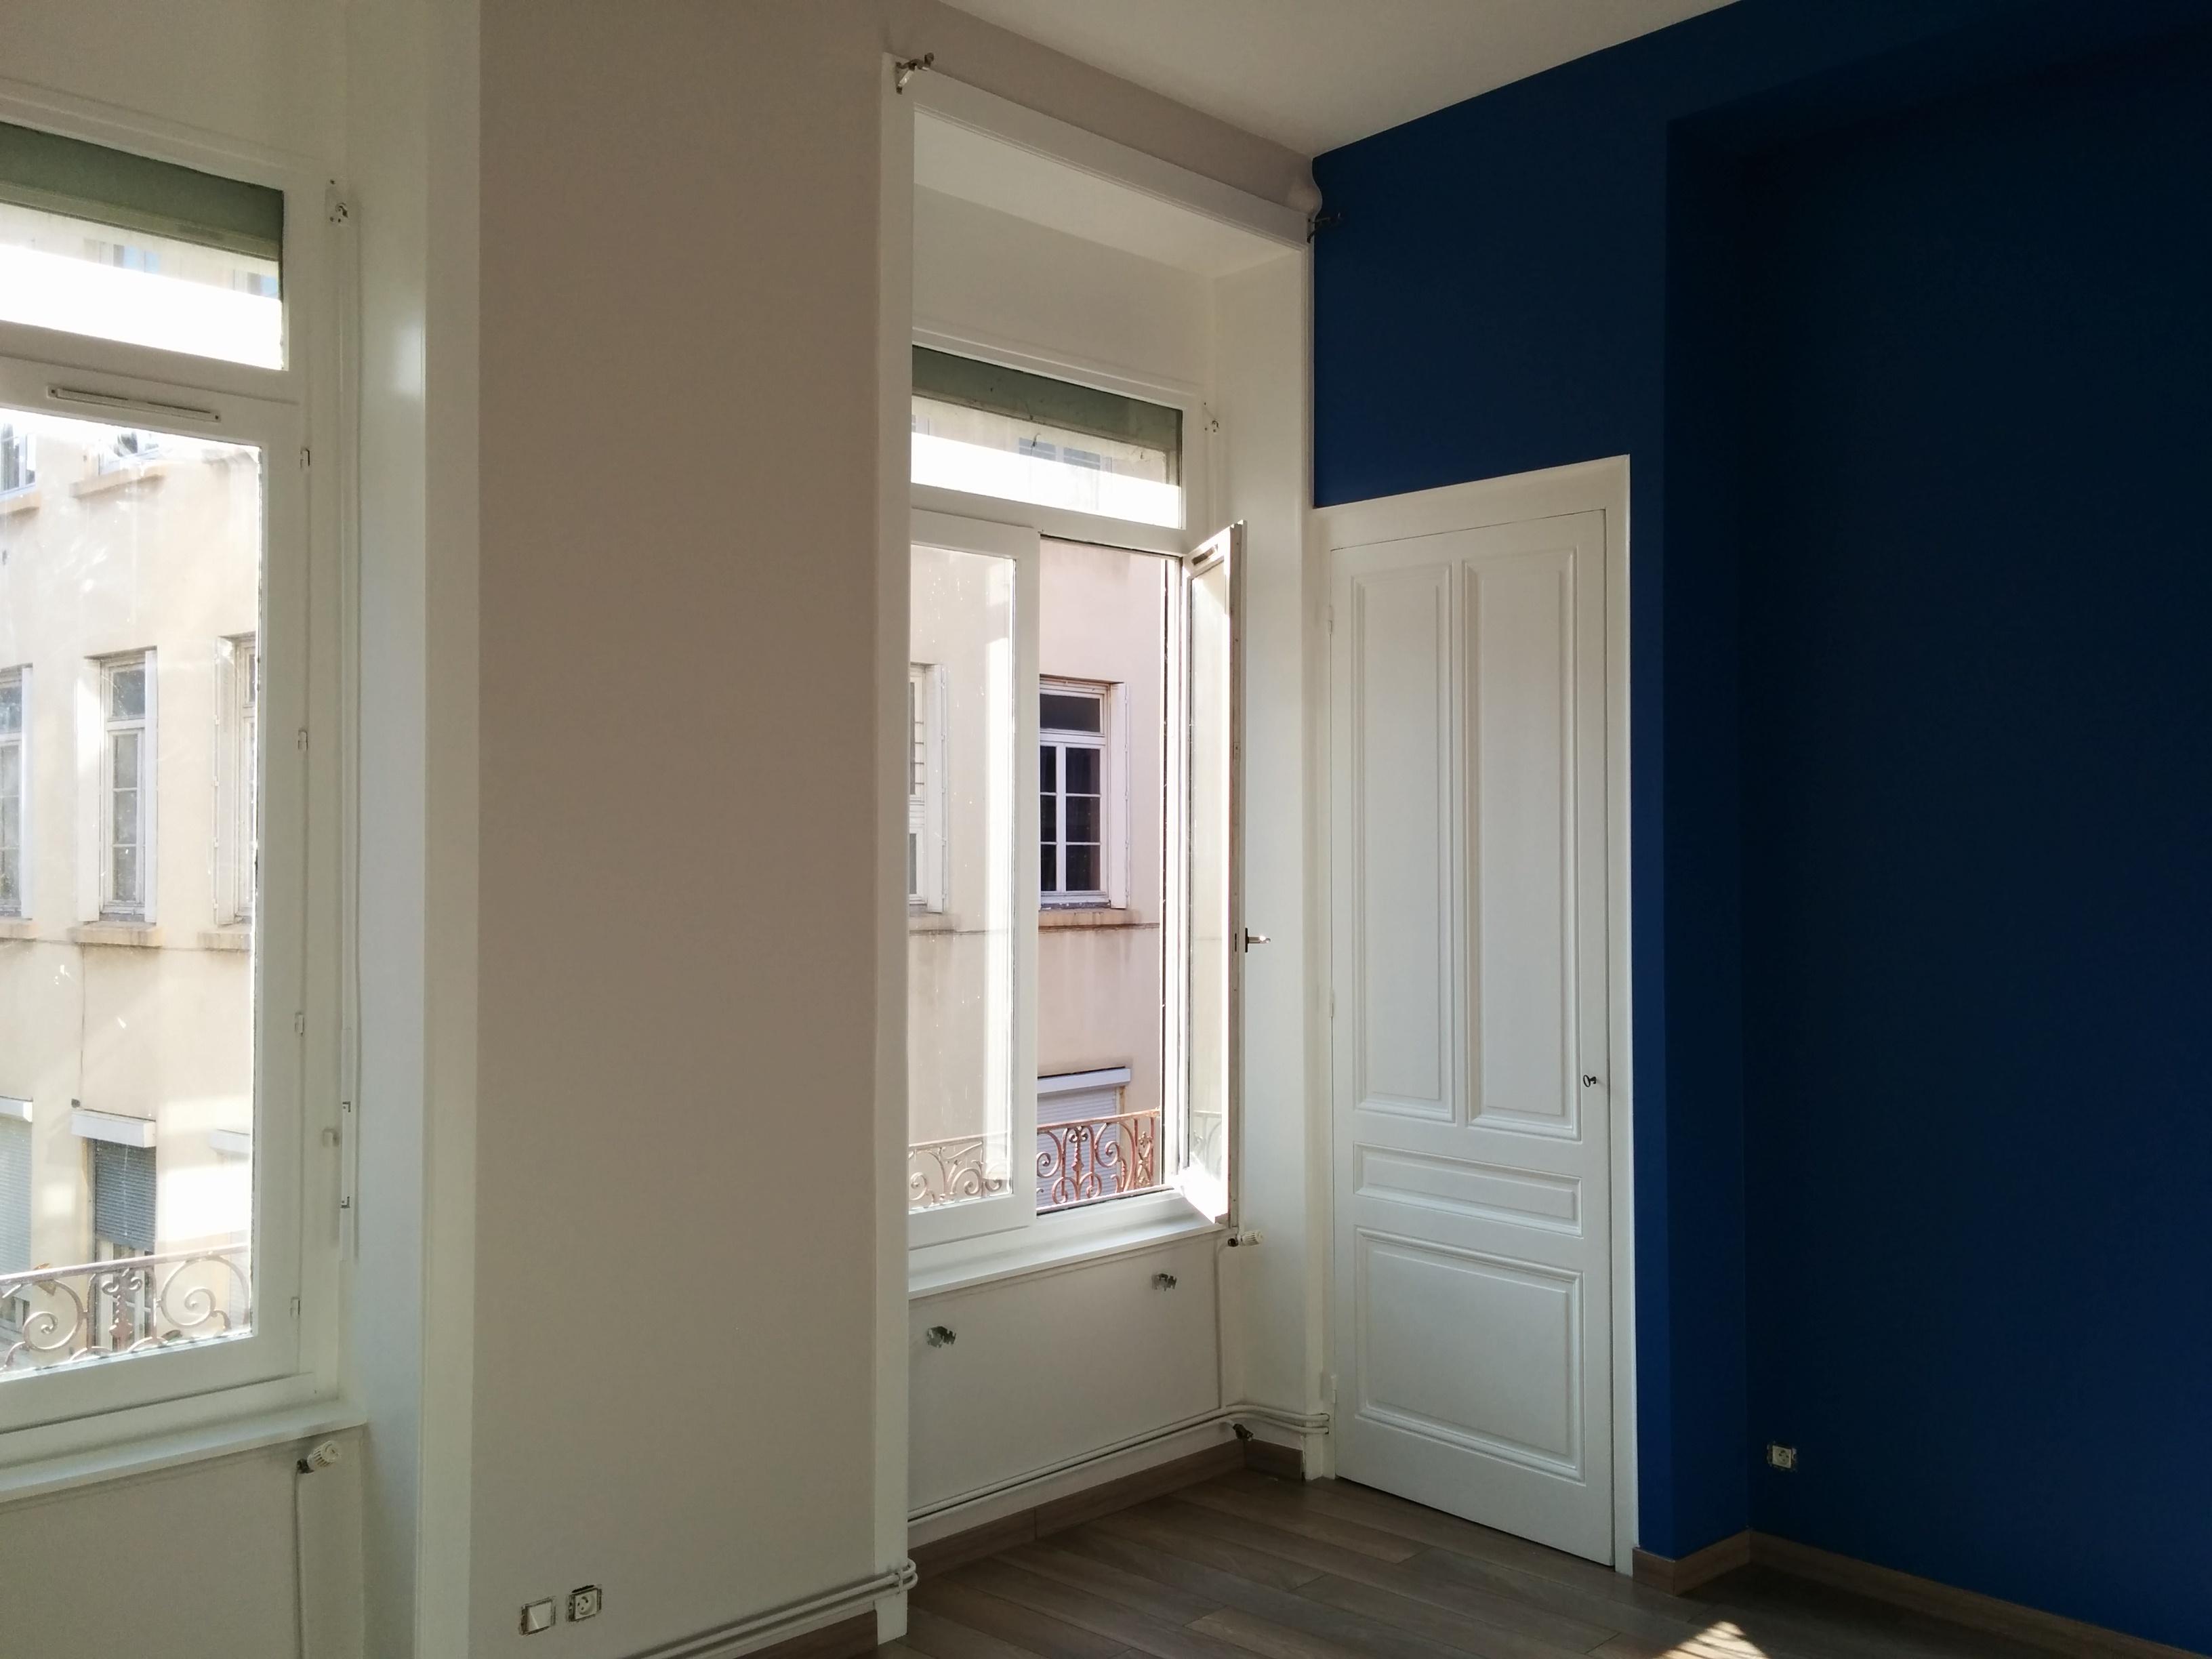 Peinture appartement - Croix rousse